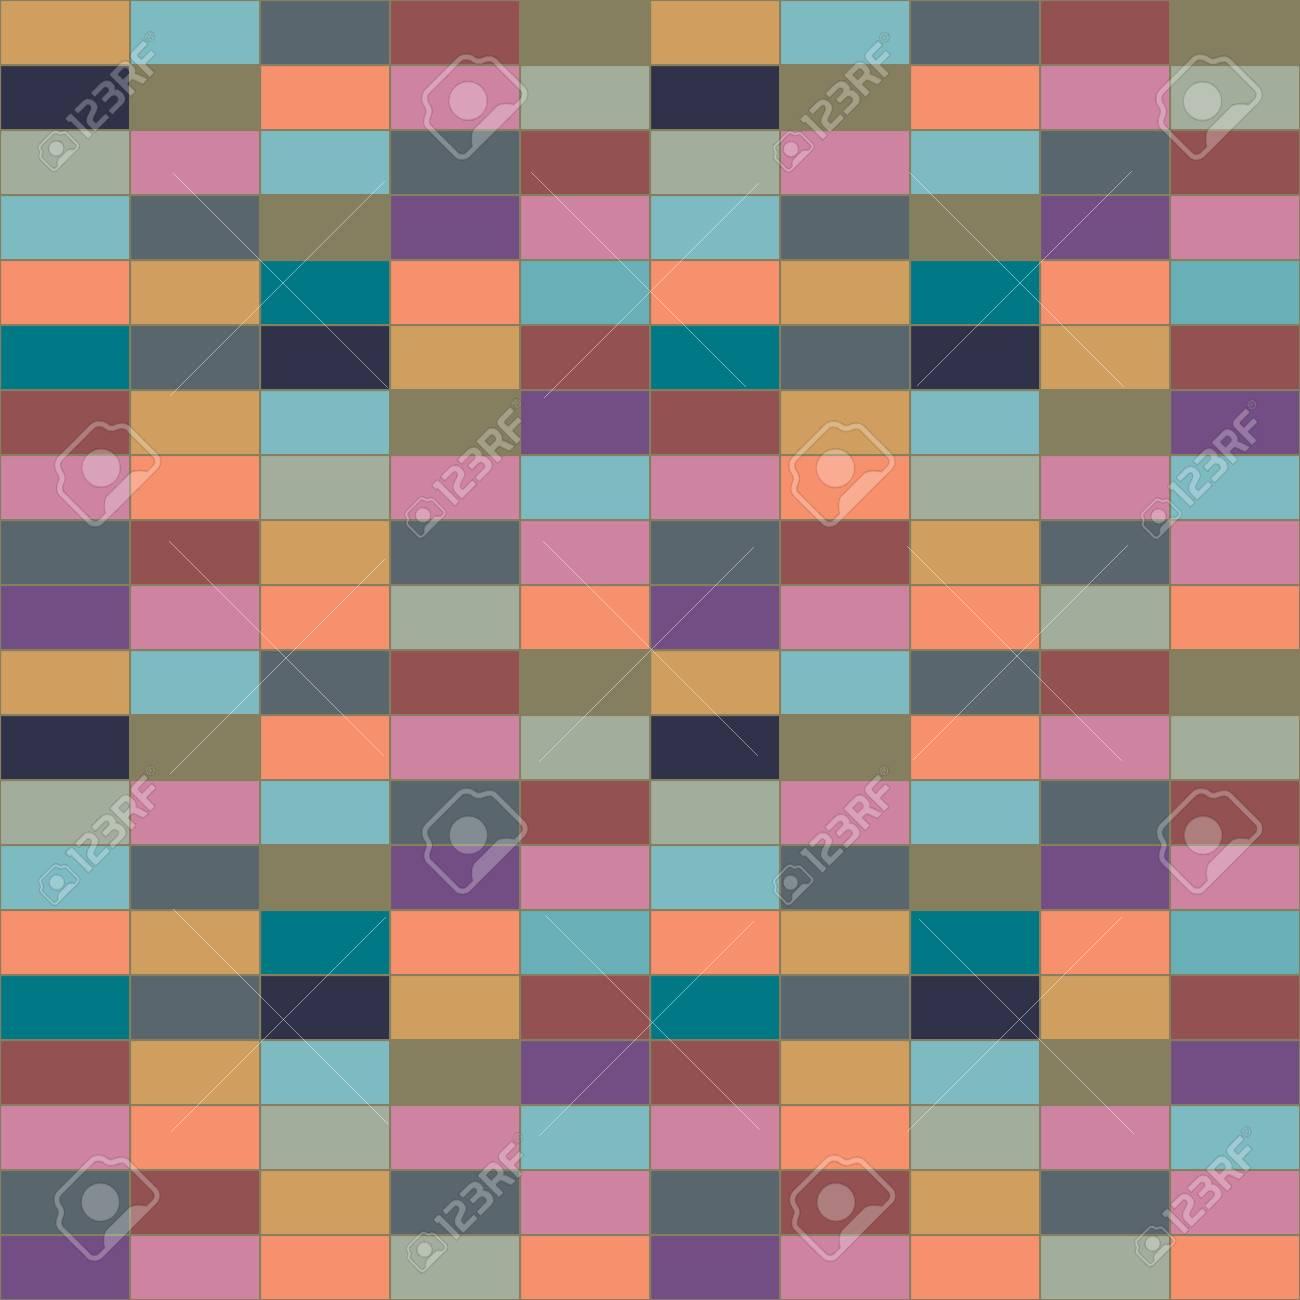 Die Wand Aus Farbigen Steinen. Bunte Vektor Muster Von Rechtecke. Abbildung Für  Die